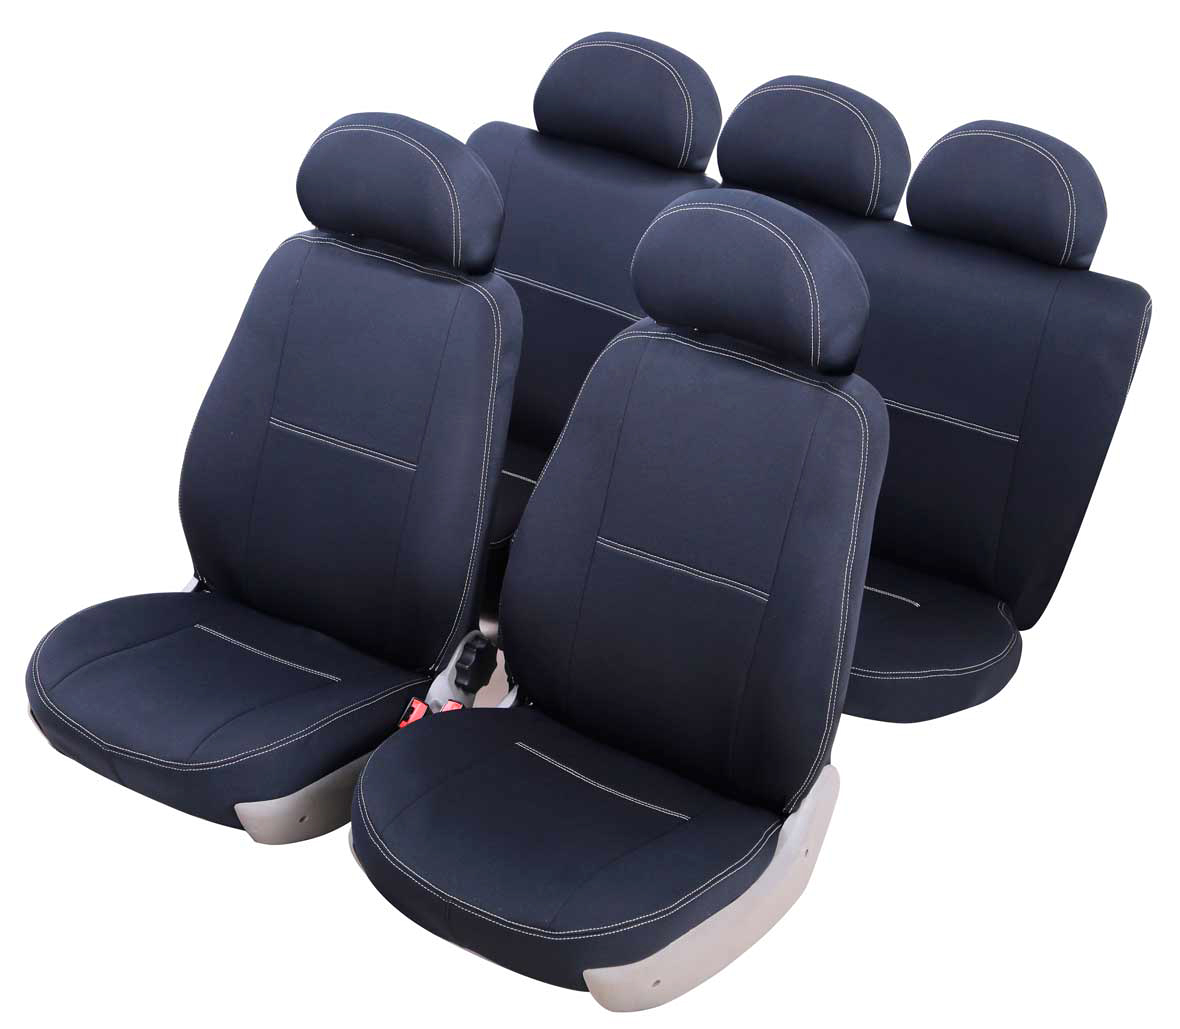 Чехол на автокресло Azard Standard, для Chevrolet Lacetti (2004-2013 гг)A4010121Модельные чехлы из полиэстера Azard Standard. Разработаны в РФ индивидуально для каждого автомобиля.Чехлы Azard Standard серийно выпускаются на собственном швейном производстве в России.Чехлы идеально повторяют штатную форму сидений и выглядят как оригинальная обивка сидений. Для простоты установки используется липучка Velcro, учтены все технологические отверстия.Чехлы сохраняют полную функциональность салона – трасформация сидений, возможность установки детских кресел ISOFIX, не препятствуют работе подушек безопасности AIRBAG и подогрева сидений.Дизайн чехлов Azard Standard приближен к оригинальной обивке салона. Декоративная контрастная прострочка по периметру авточехлов придает стильный и изысканный внешний вид интерьеру автомобиля.Чехлы Azard Standard изготовлены из полиэстера, триплированного огнеупорным поролоном толщиной 3 мм, за счет чего чехол приобретает дополнительную мягкость. Подложка из спандбонда сохраняет свойства поролона и предотвращает его разрушение.Авточехлы Azard Standard просты в уходе – загрязнения легко удаляются влажной тканью.